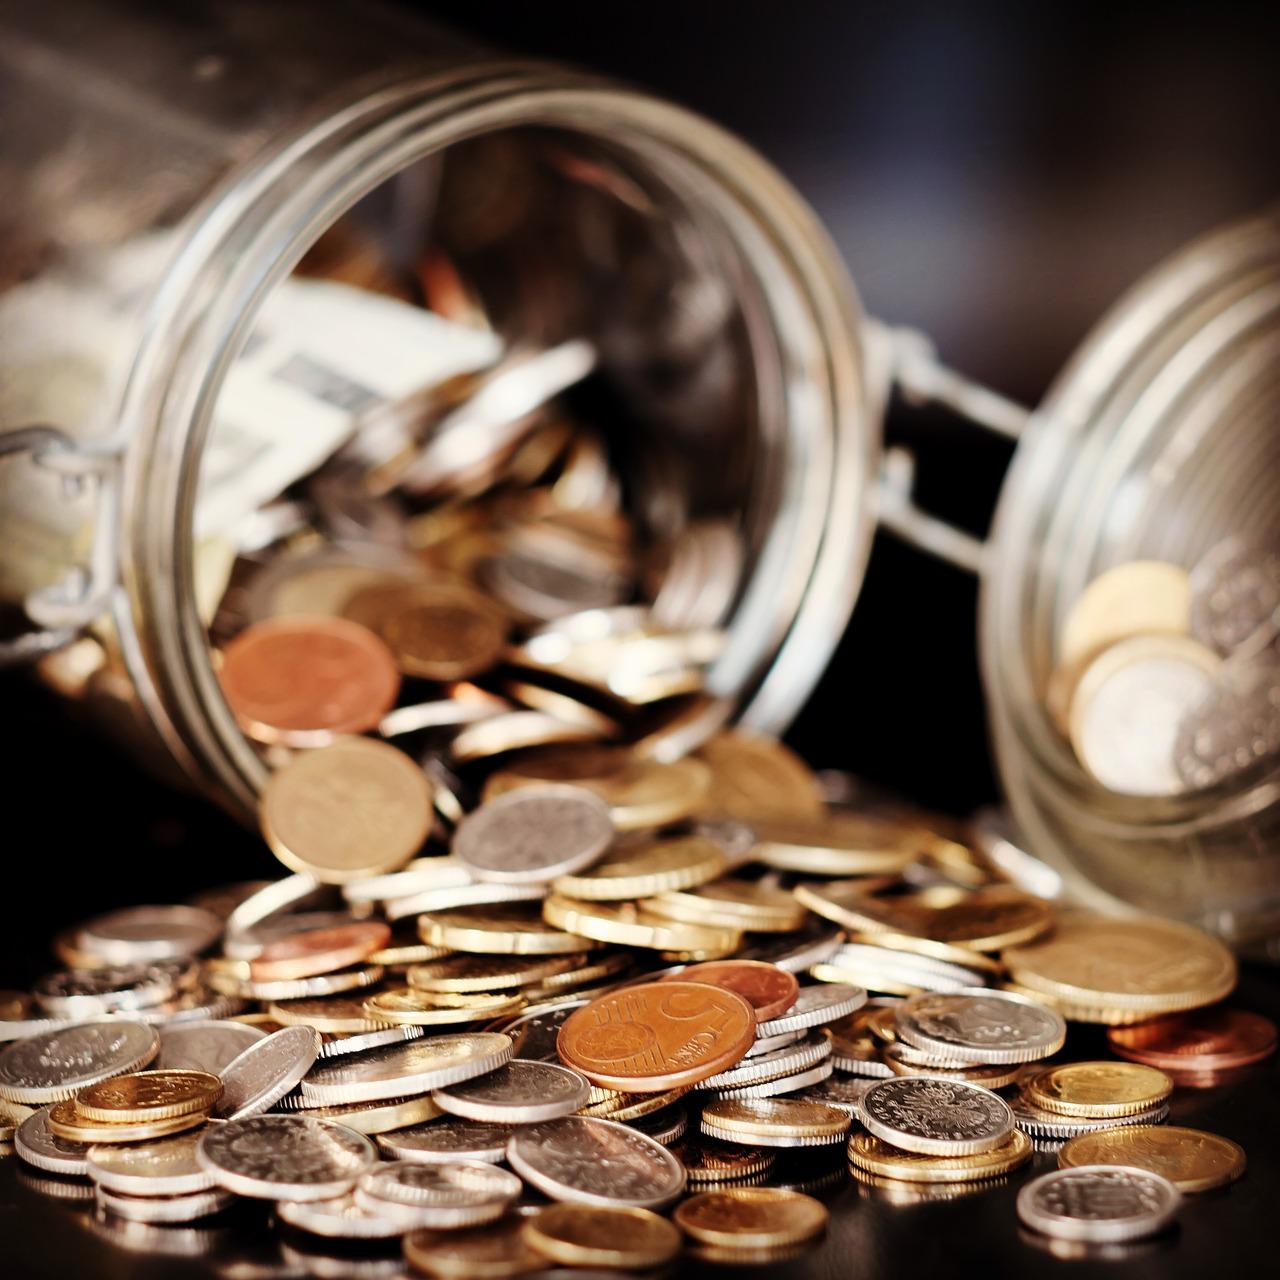 За програмою «Доступні кредити 5-7-9%» видано позик на 4,2 млрд гривень